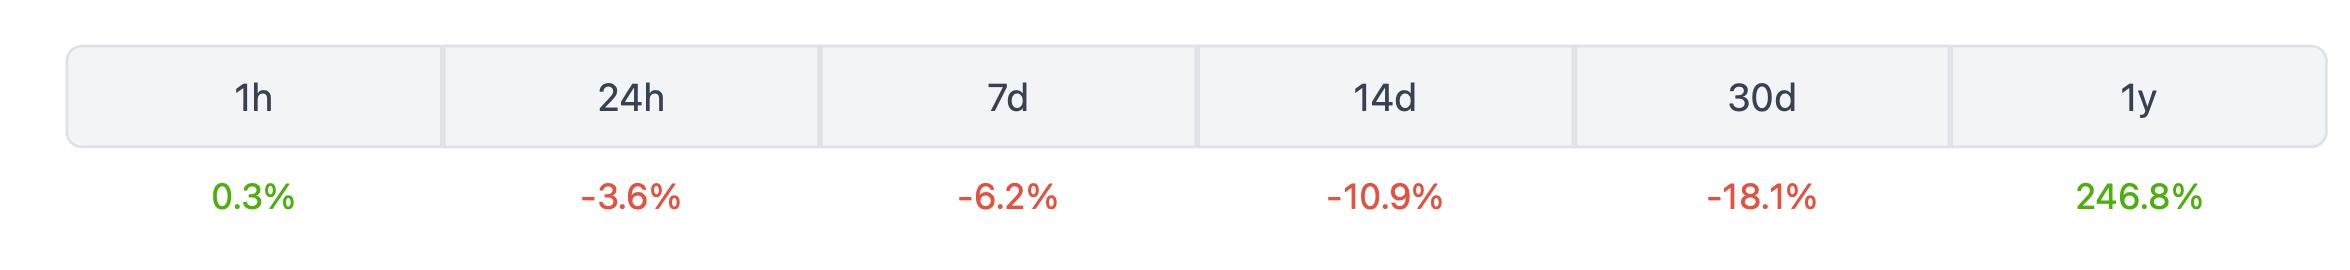 биткоин курс график